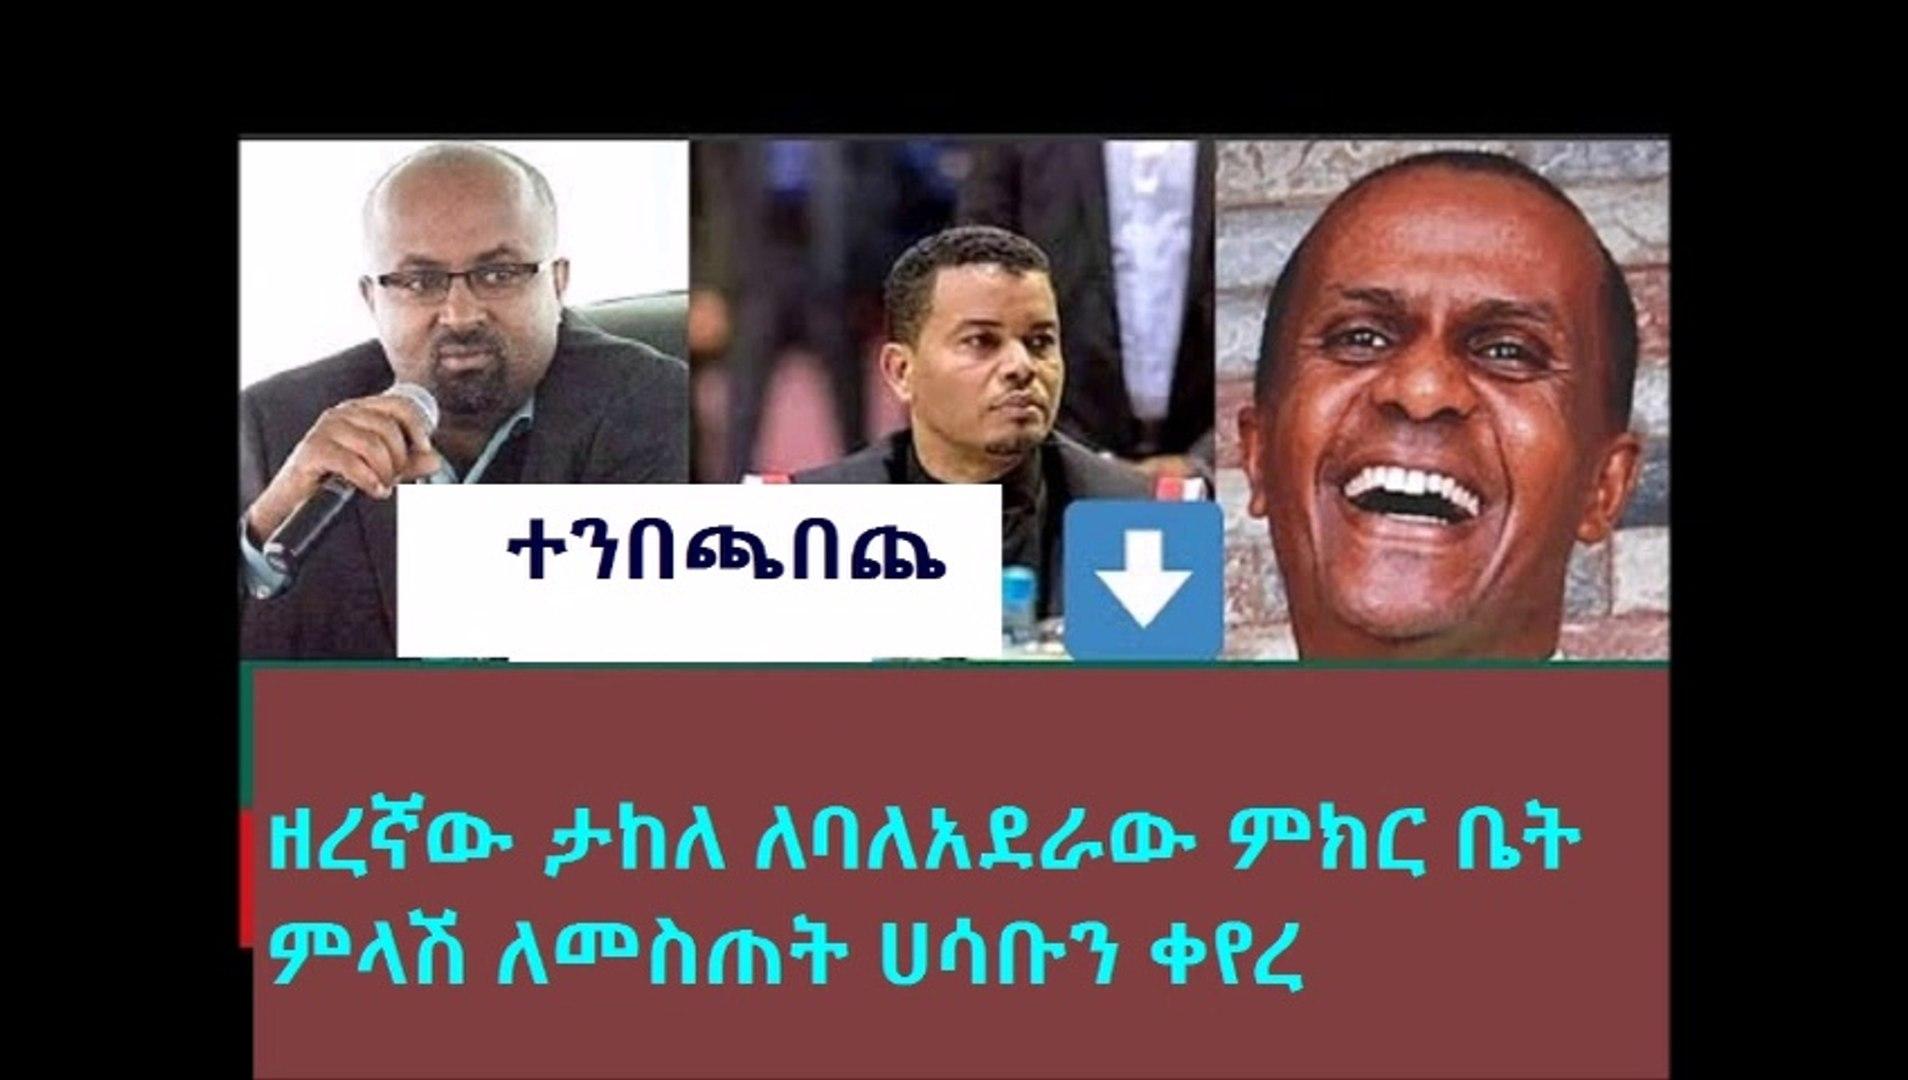 Good News Addis ababa - የአ°አ ምከ ኢር ታከለ ኡማ ከተራ አክቲቪስት ጋር አልወዳደርም እና ግዜ የለንም መልስ አንሰጥም ቢሉም በቀኑ አለን ።